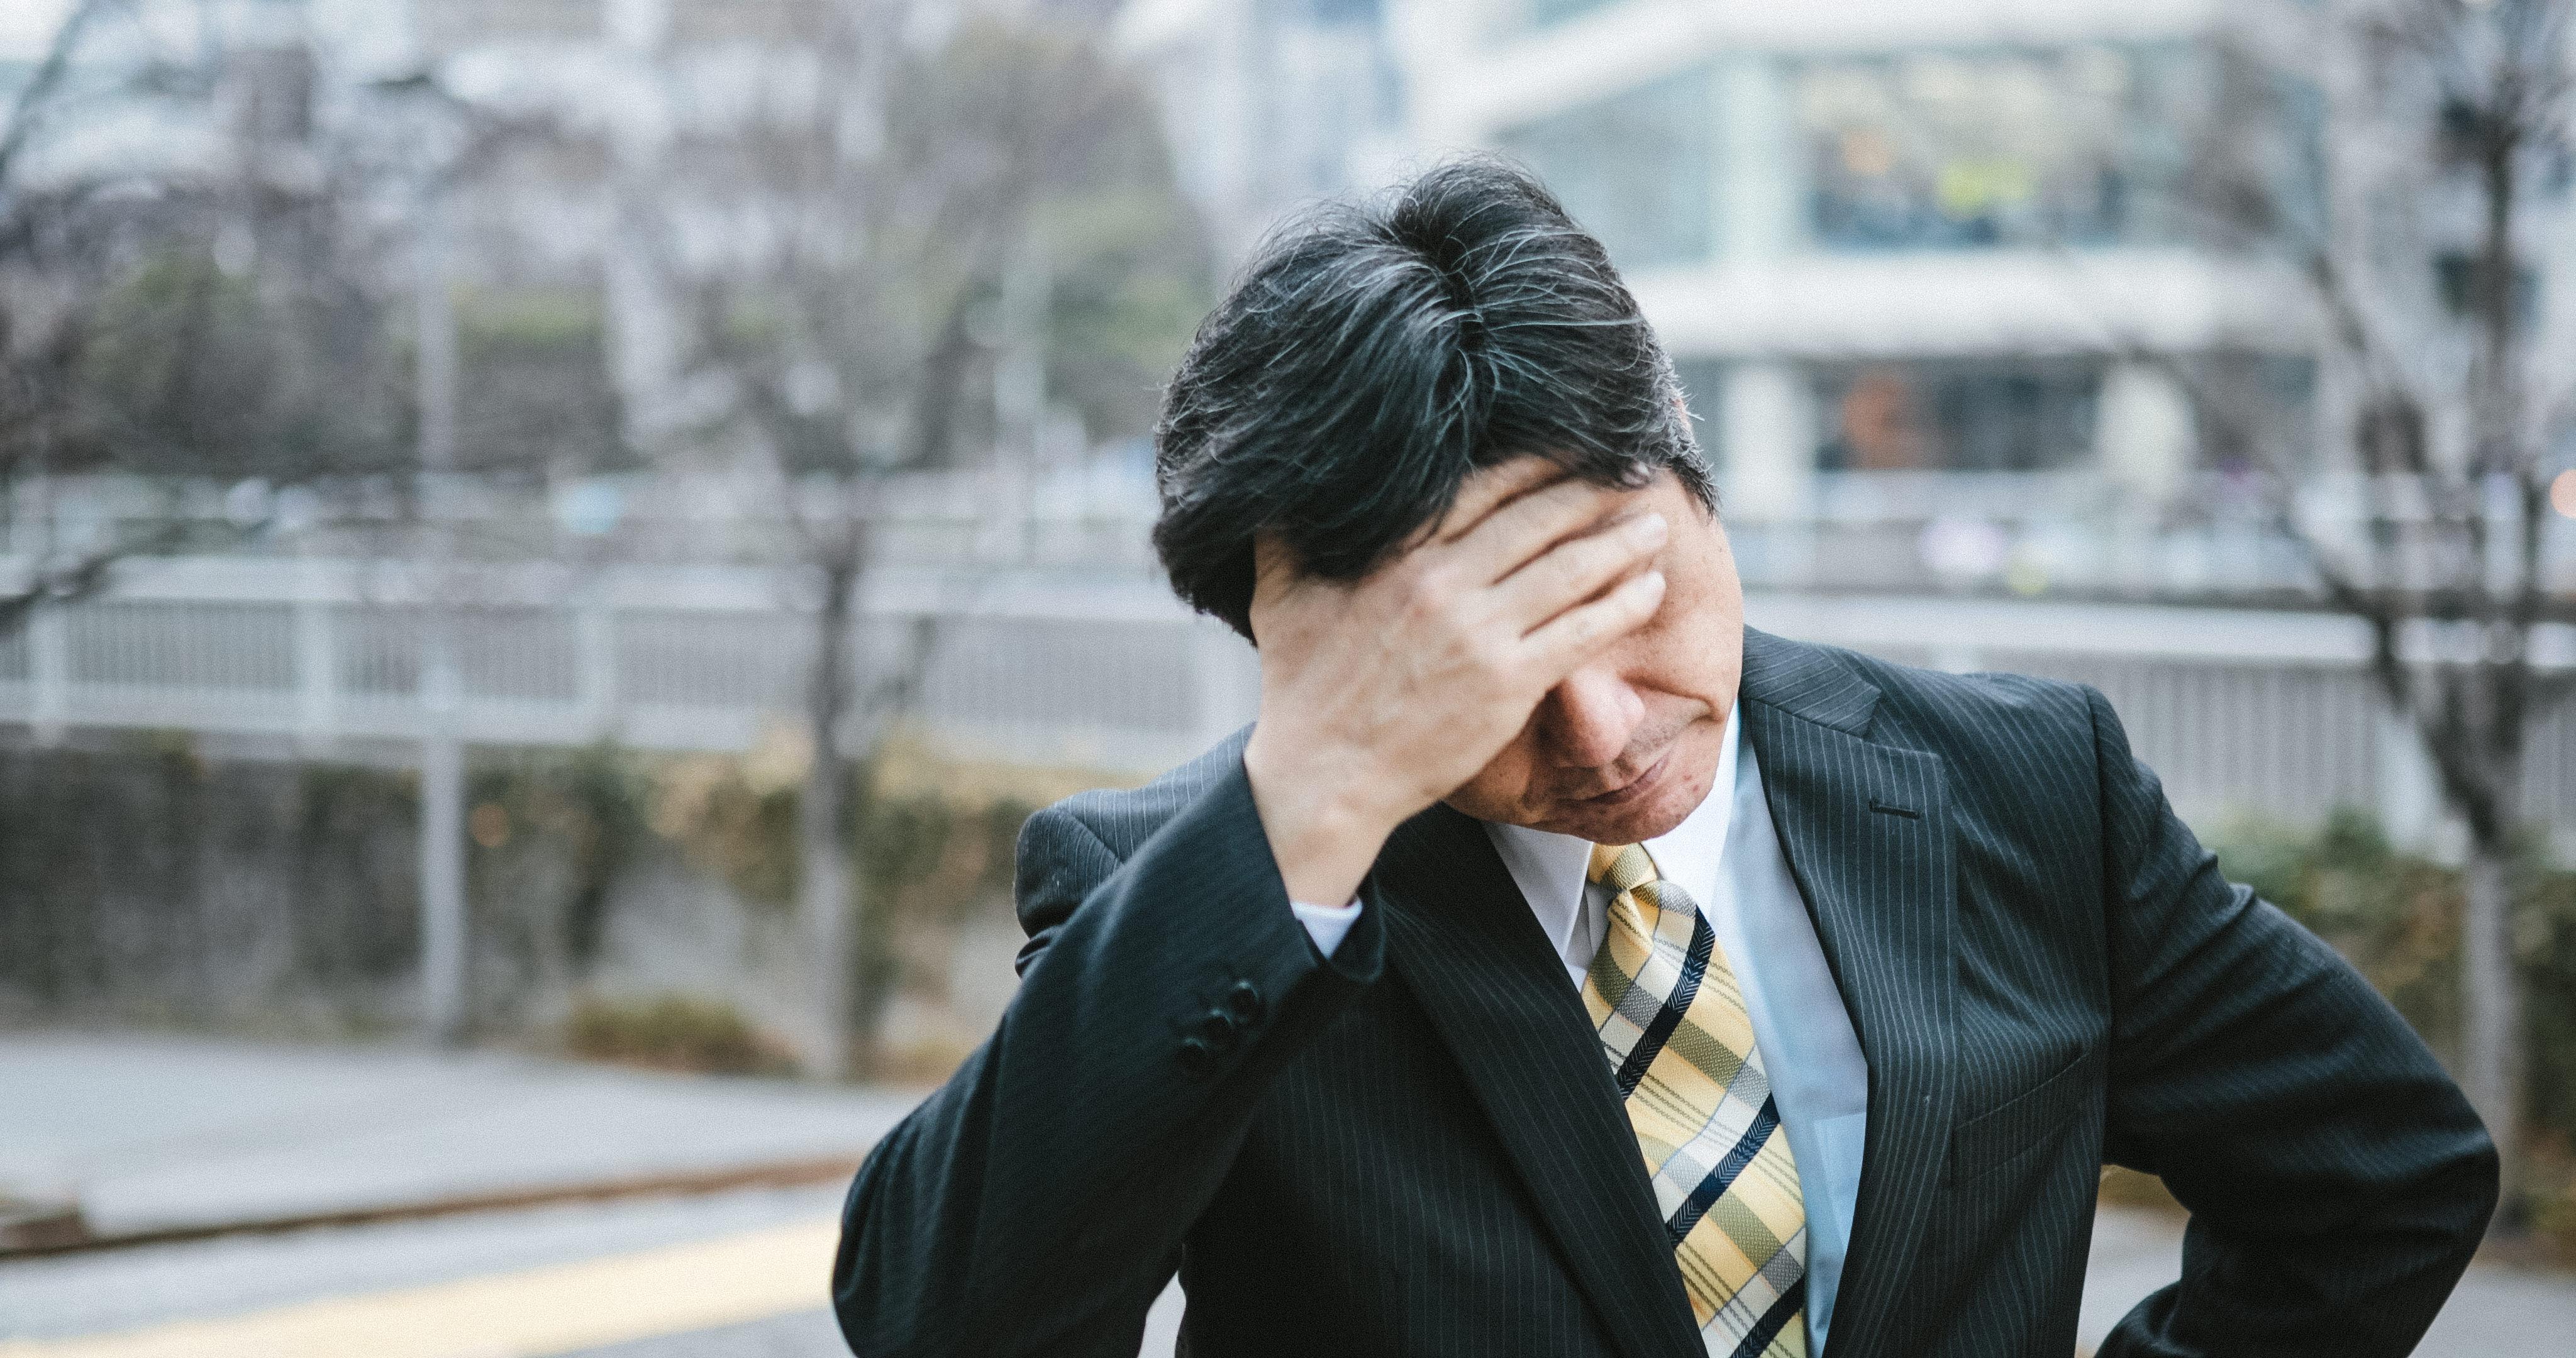 [中小企業を悩ます問題の多い社員。賢い対処法とは?]トップ画像